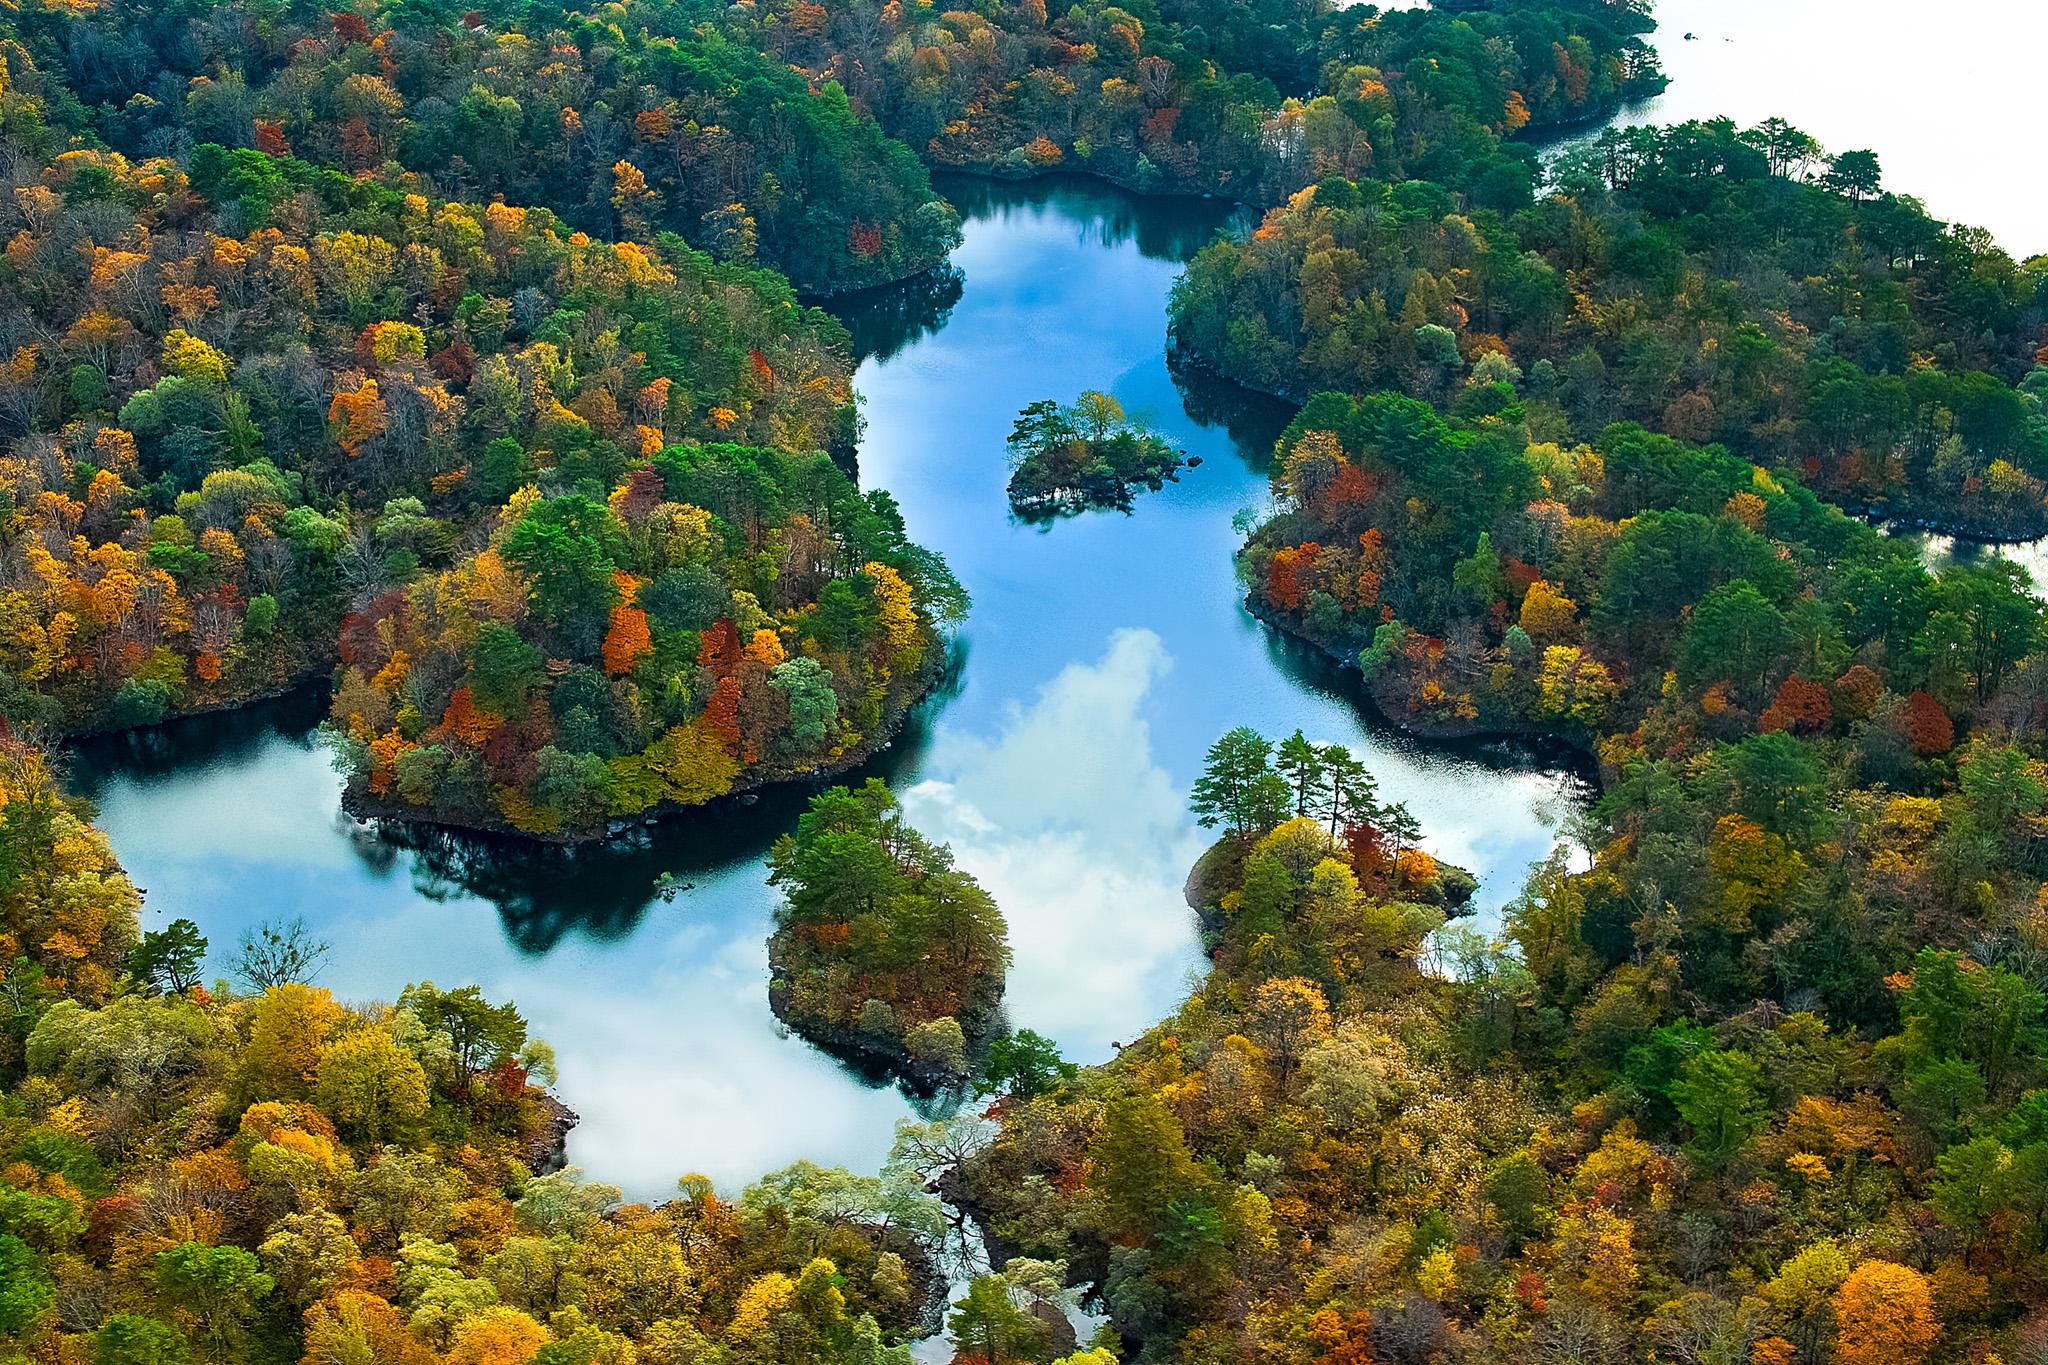 「色鮮やかな森に囲まれた湖」の画像を無料ダウンロード